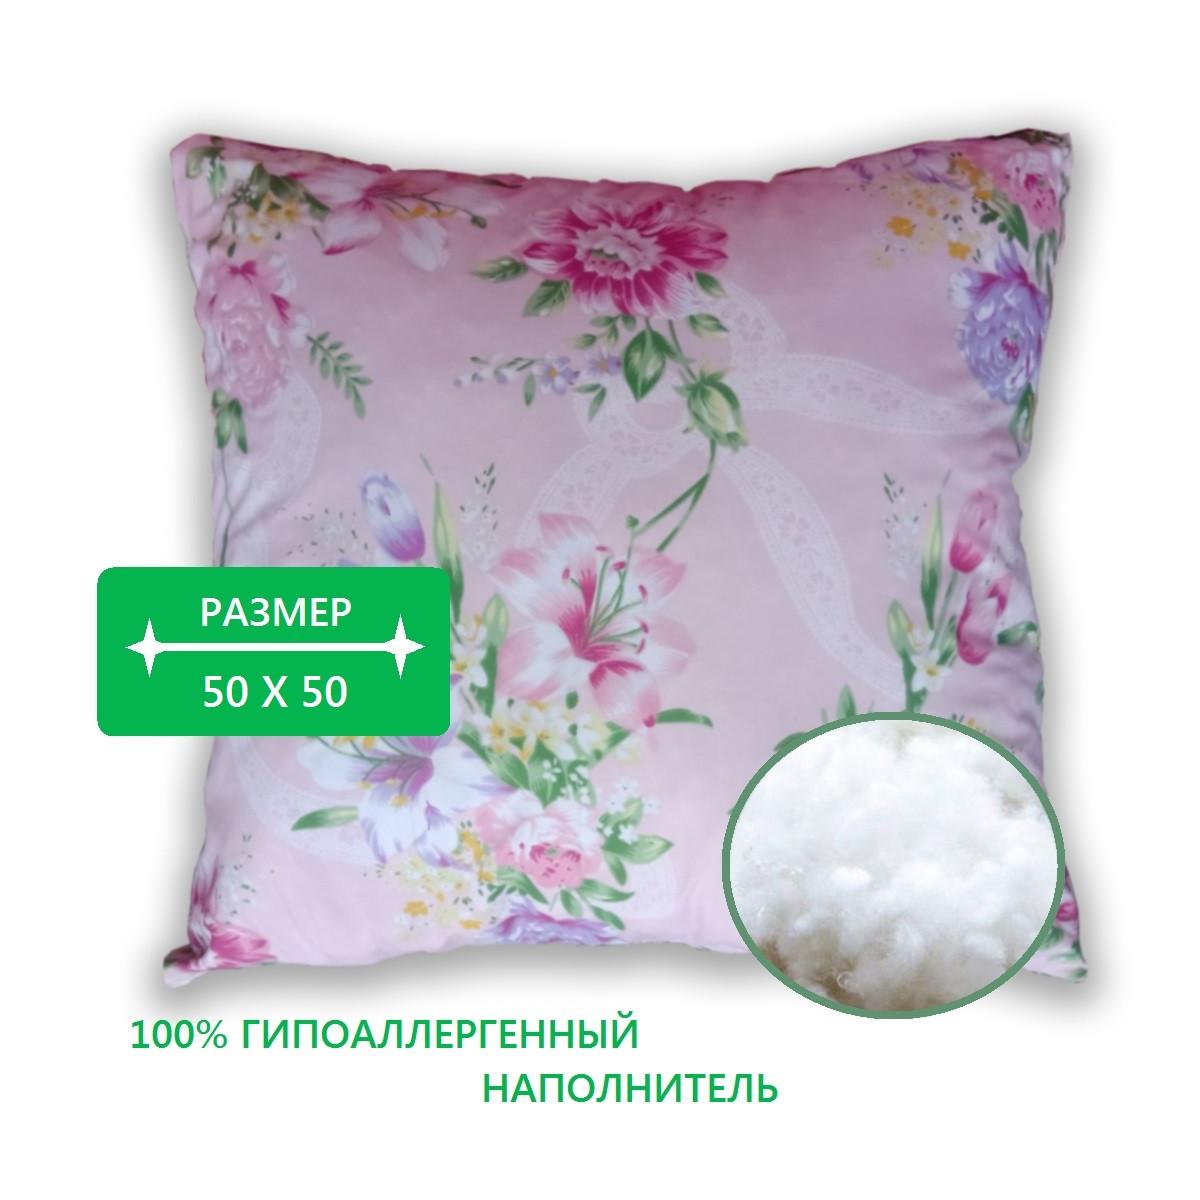 Подушка холлофайбер 50 х 50